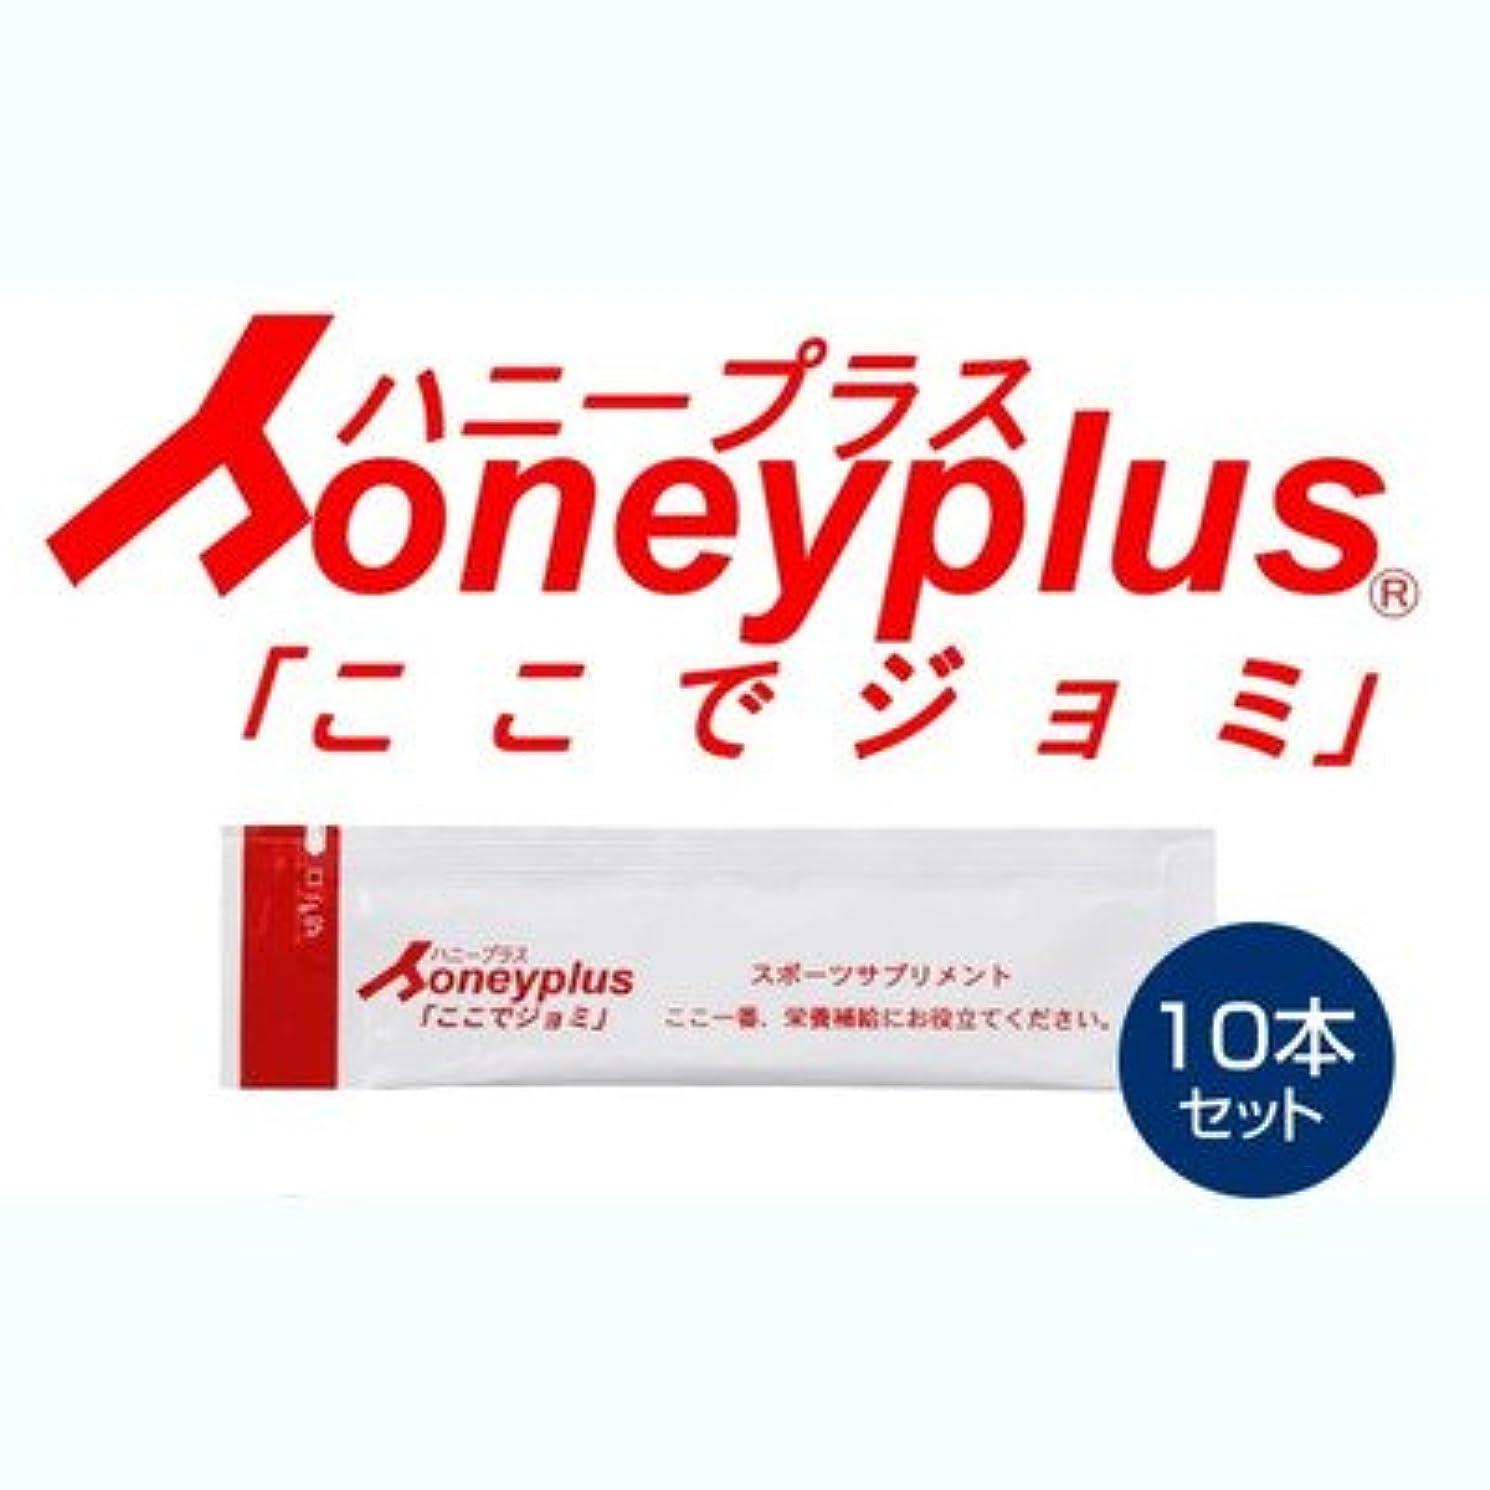 交通取り扱い農学Honeyplus「ここでジョミ」10本セット 運動時に摂るスポーツサプリメント